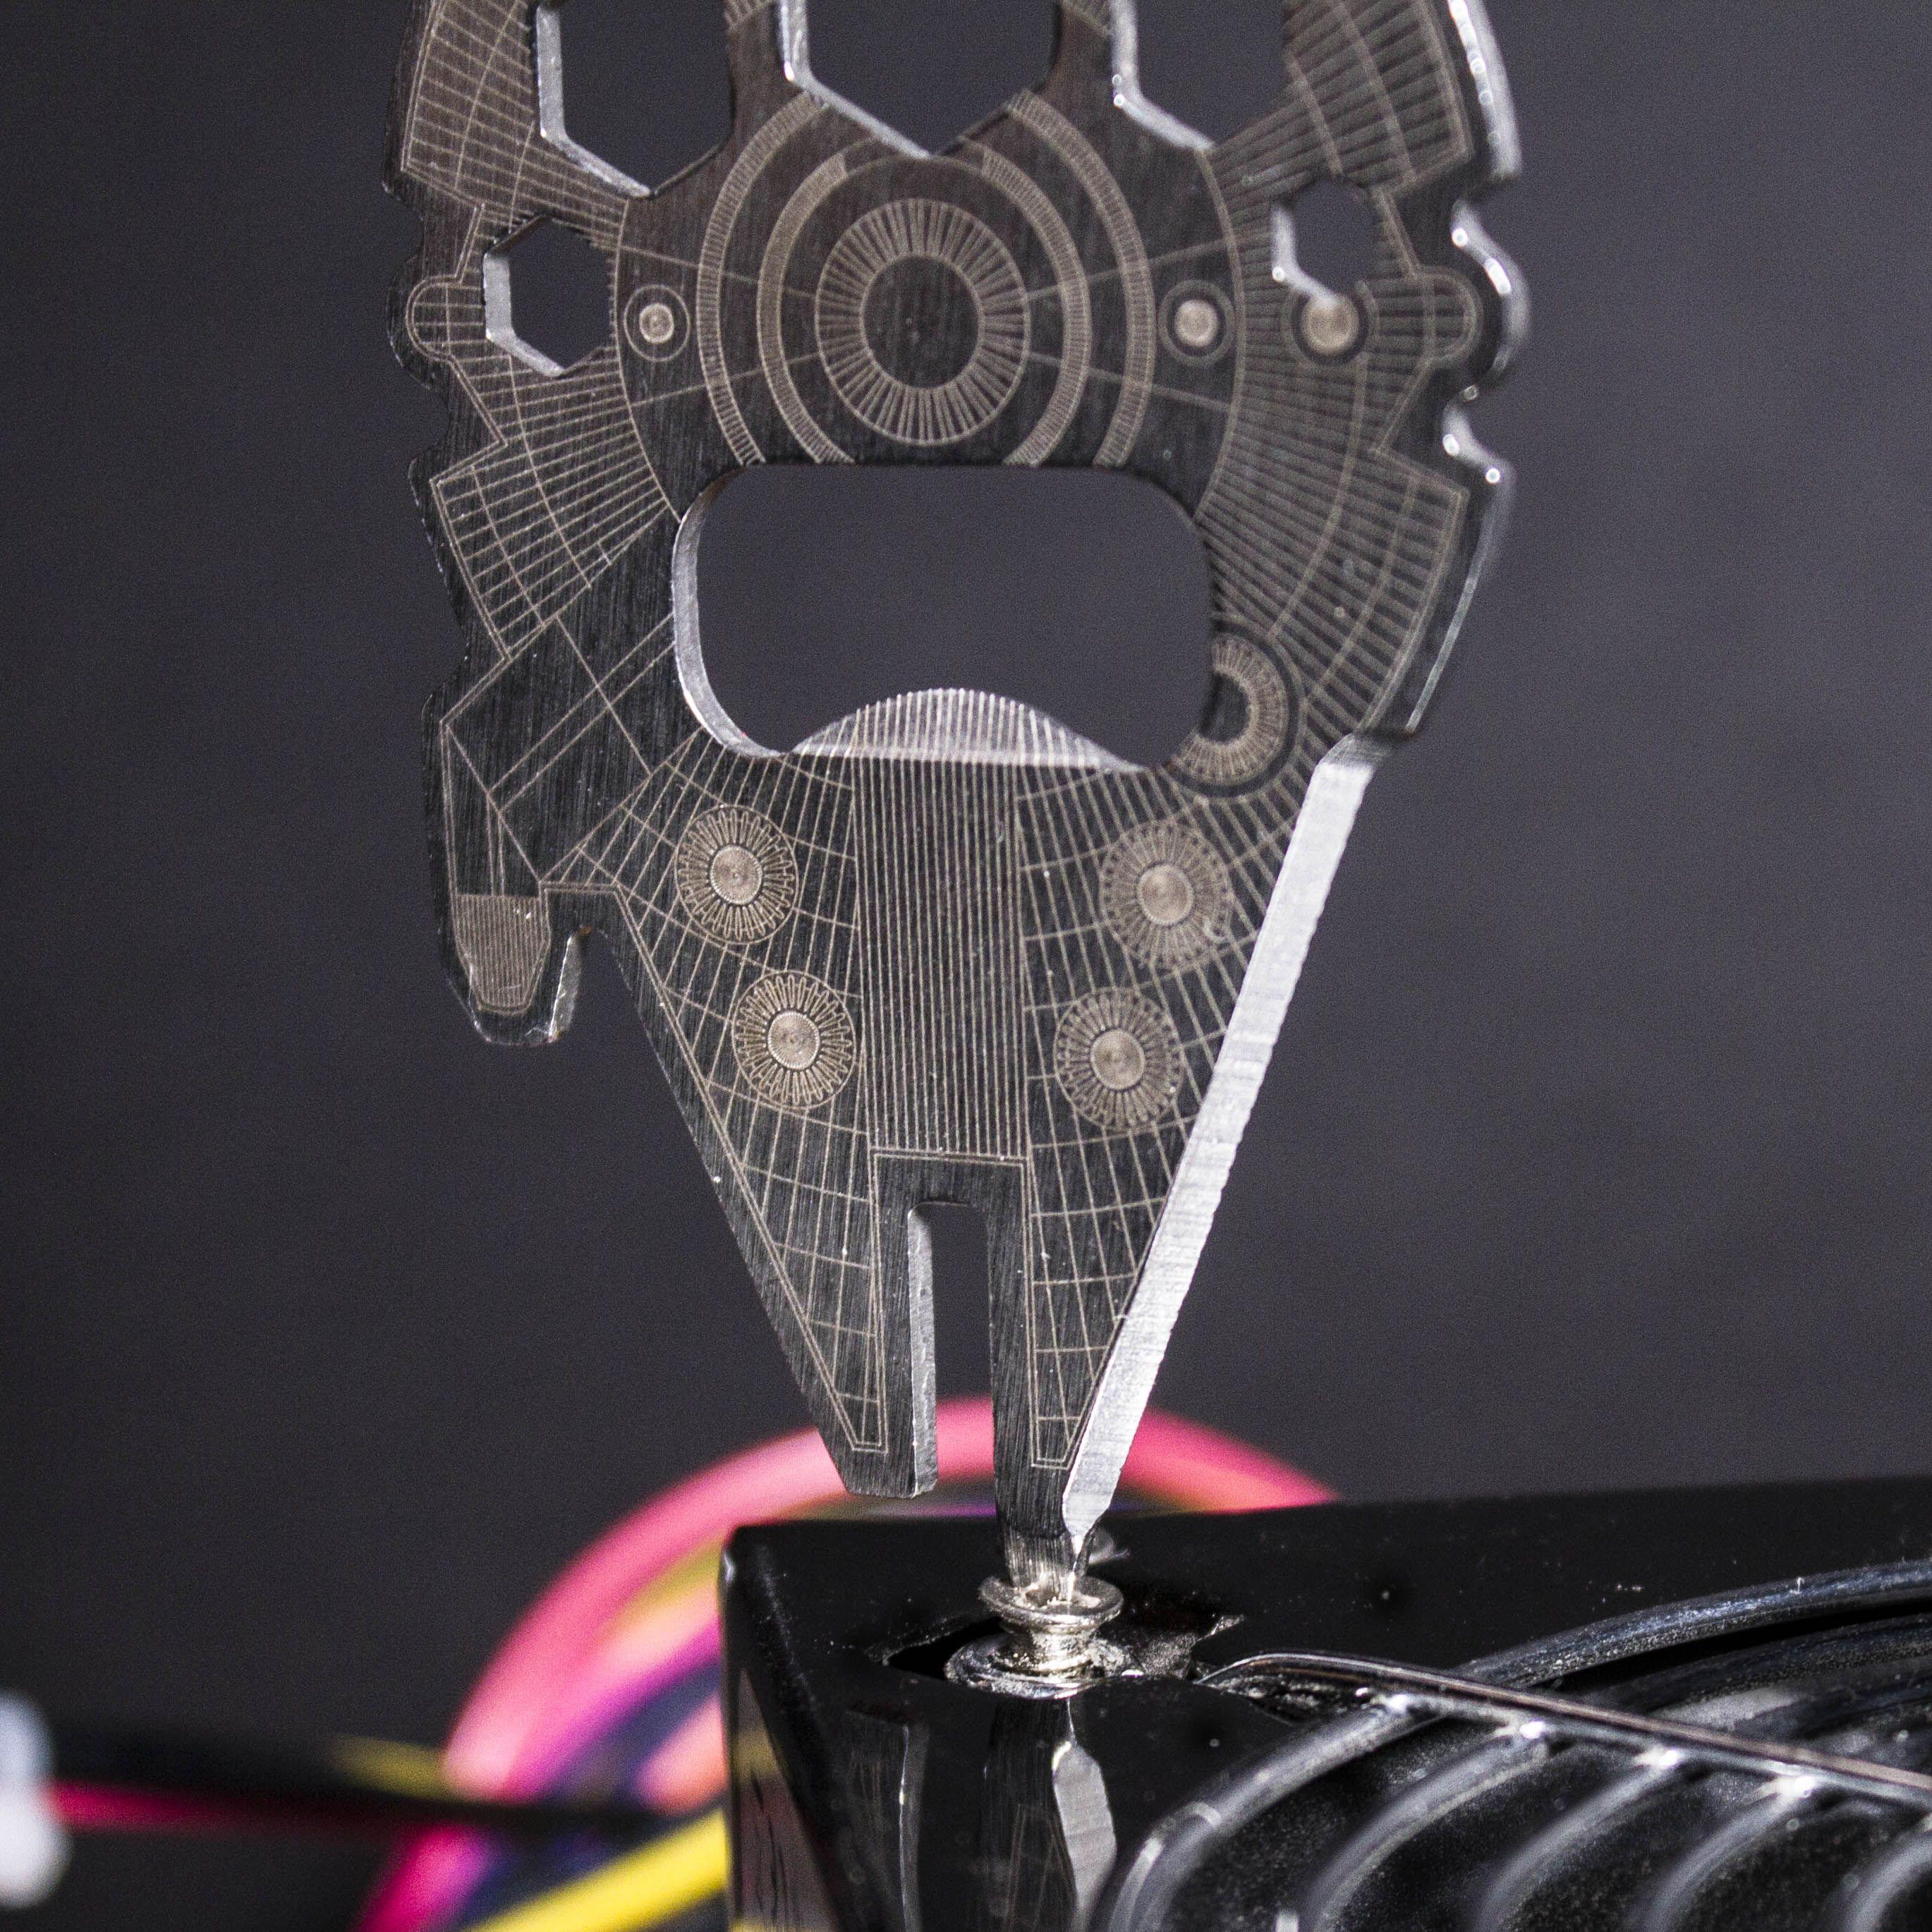 Millenium Falcon tool